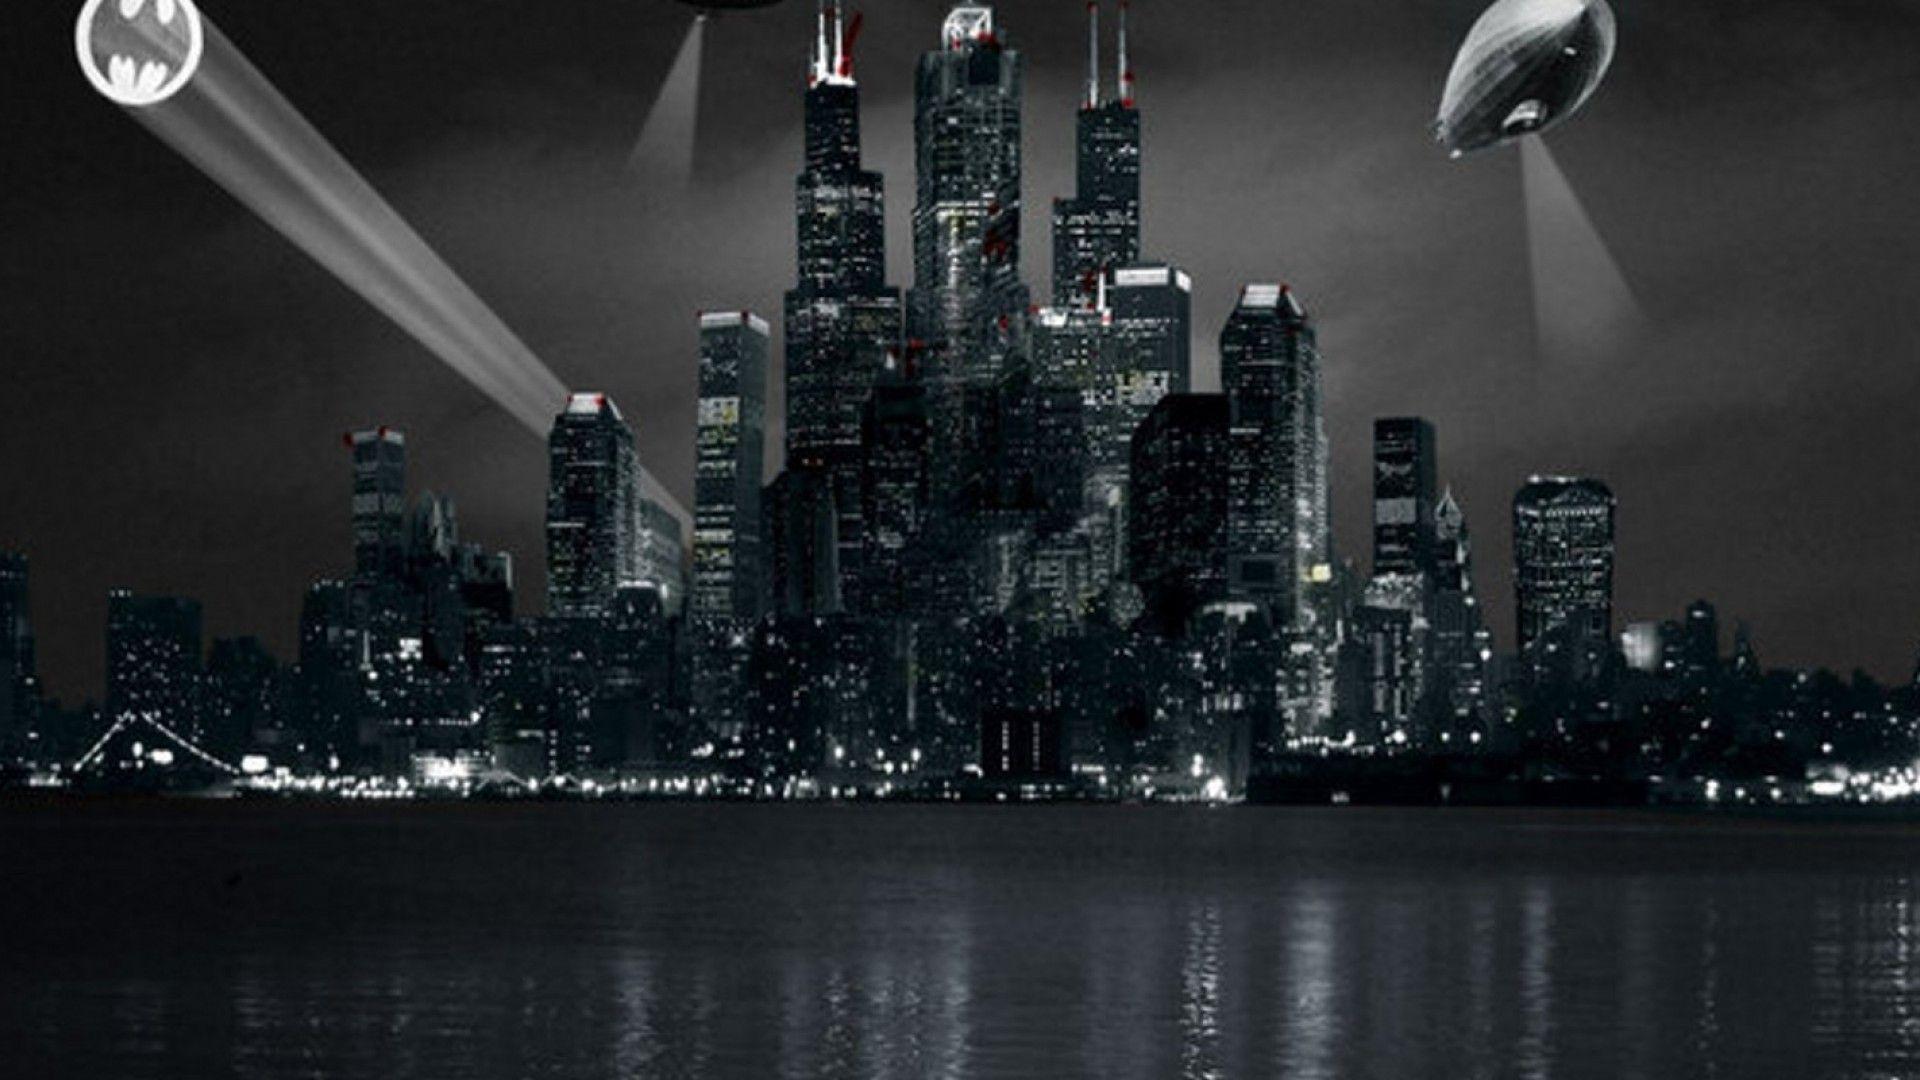 Gotham city hd wallpapers wallpaper cave - Gotham wallpaper ...